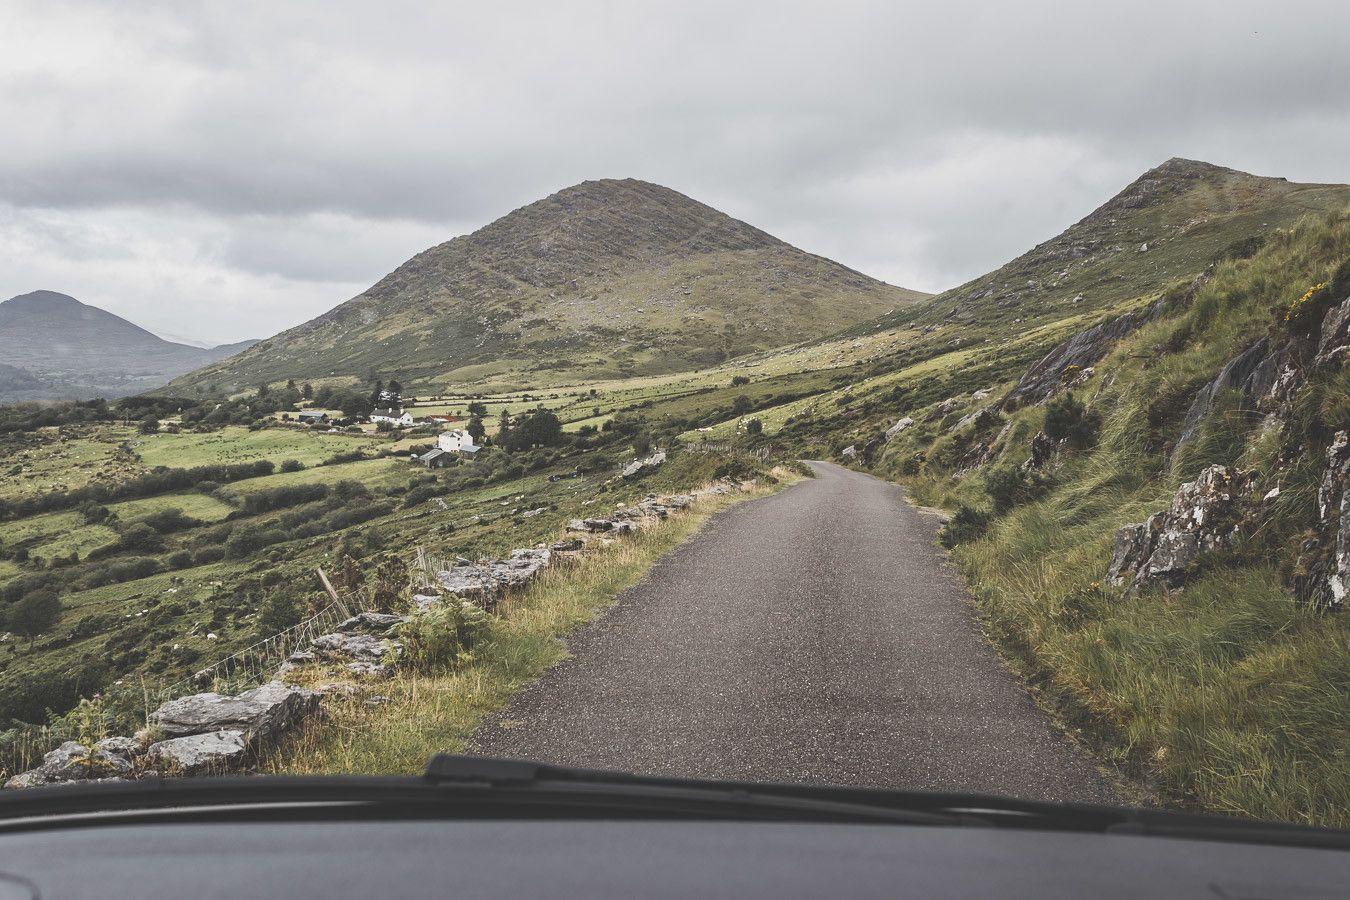 les routes étroites d'Irlande